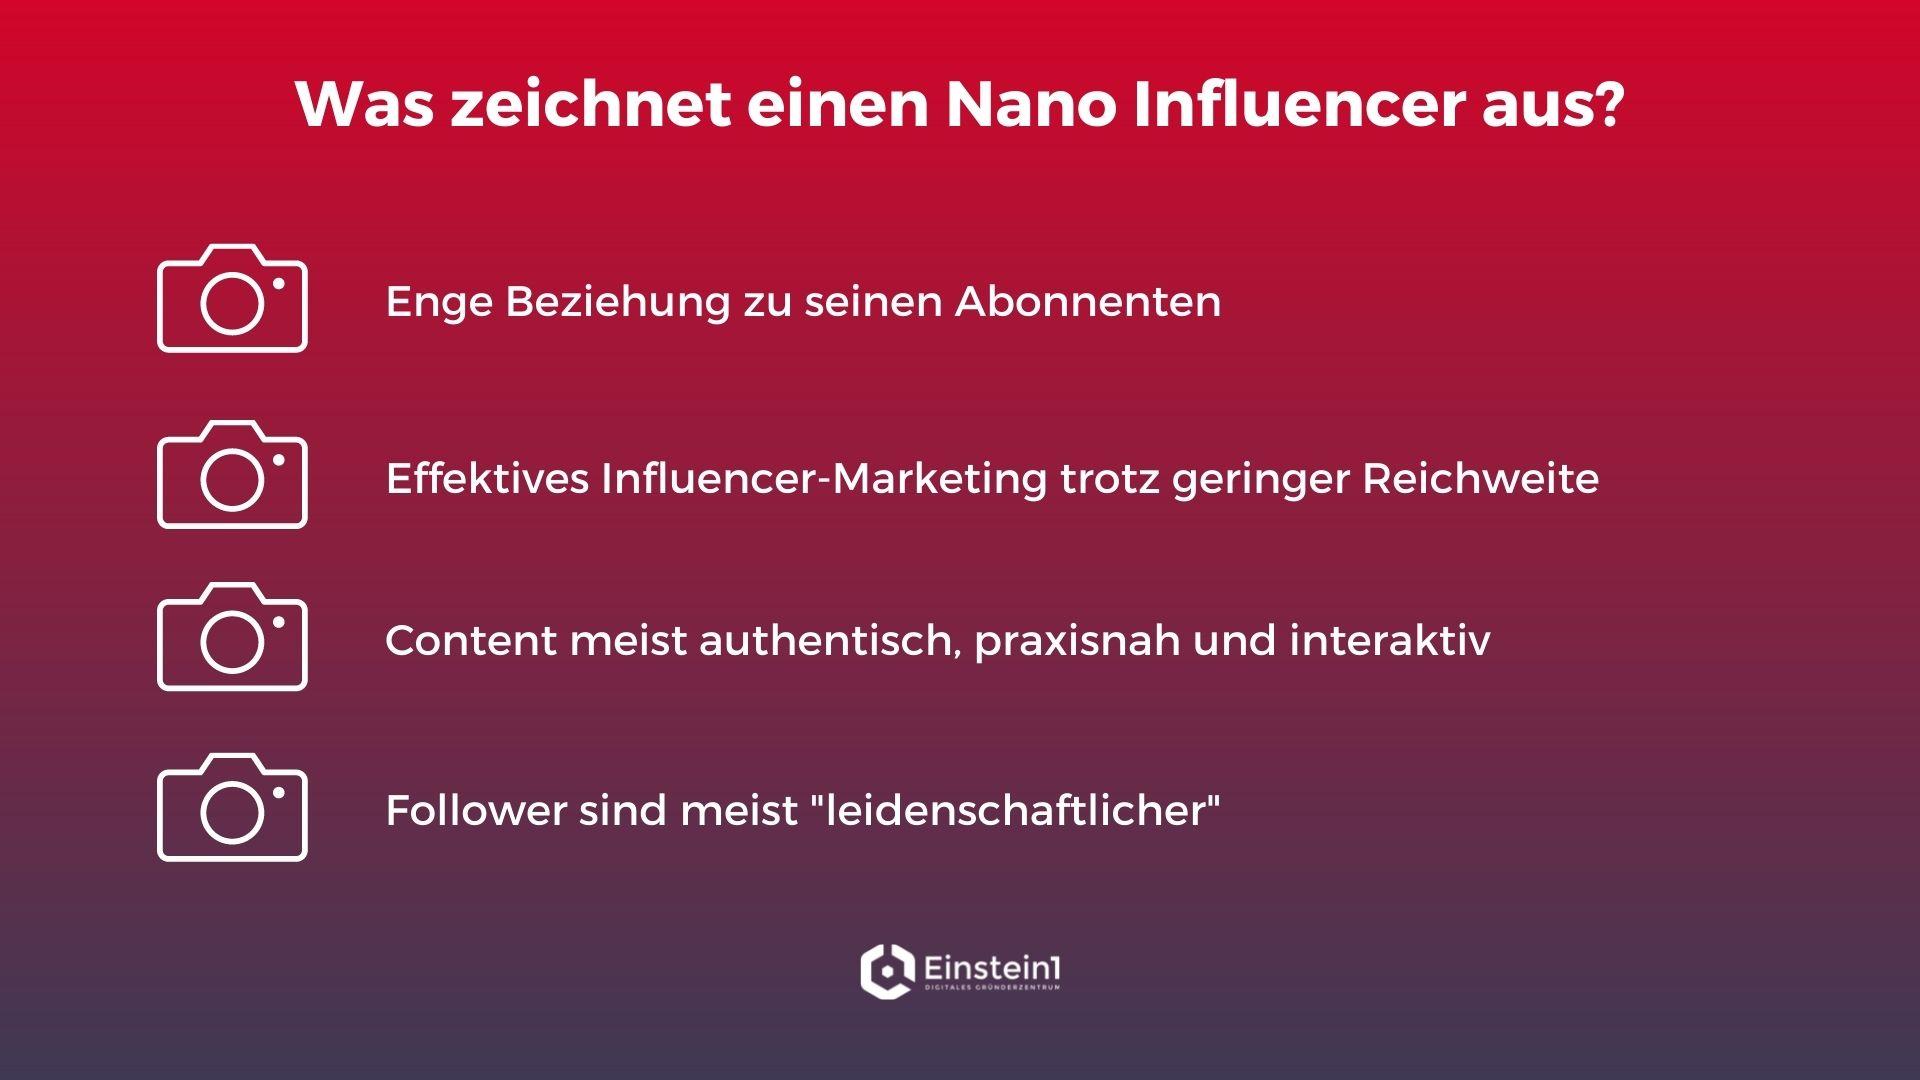 nano-influencer-kleine-influencer-mit-hoher-autorität-was-zeichnet-einen-nano-influencer-aus-einstein1